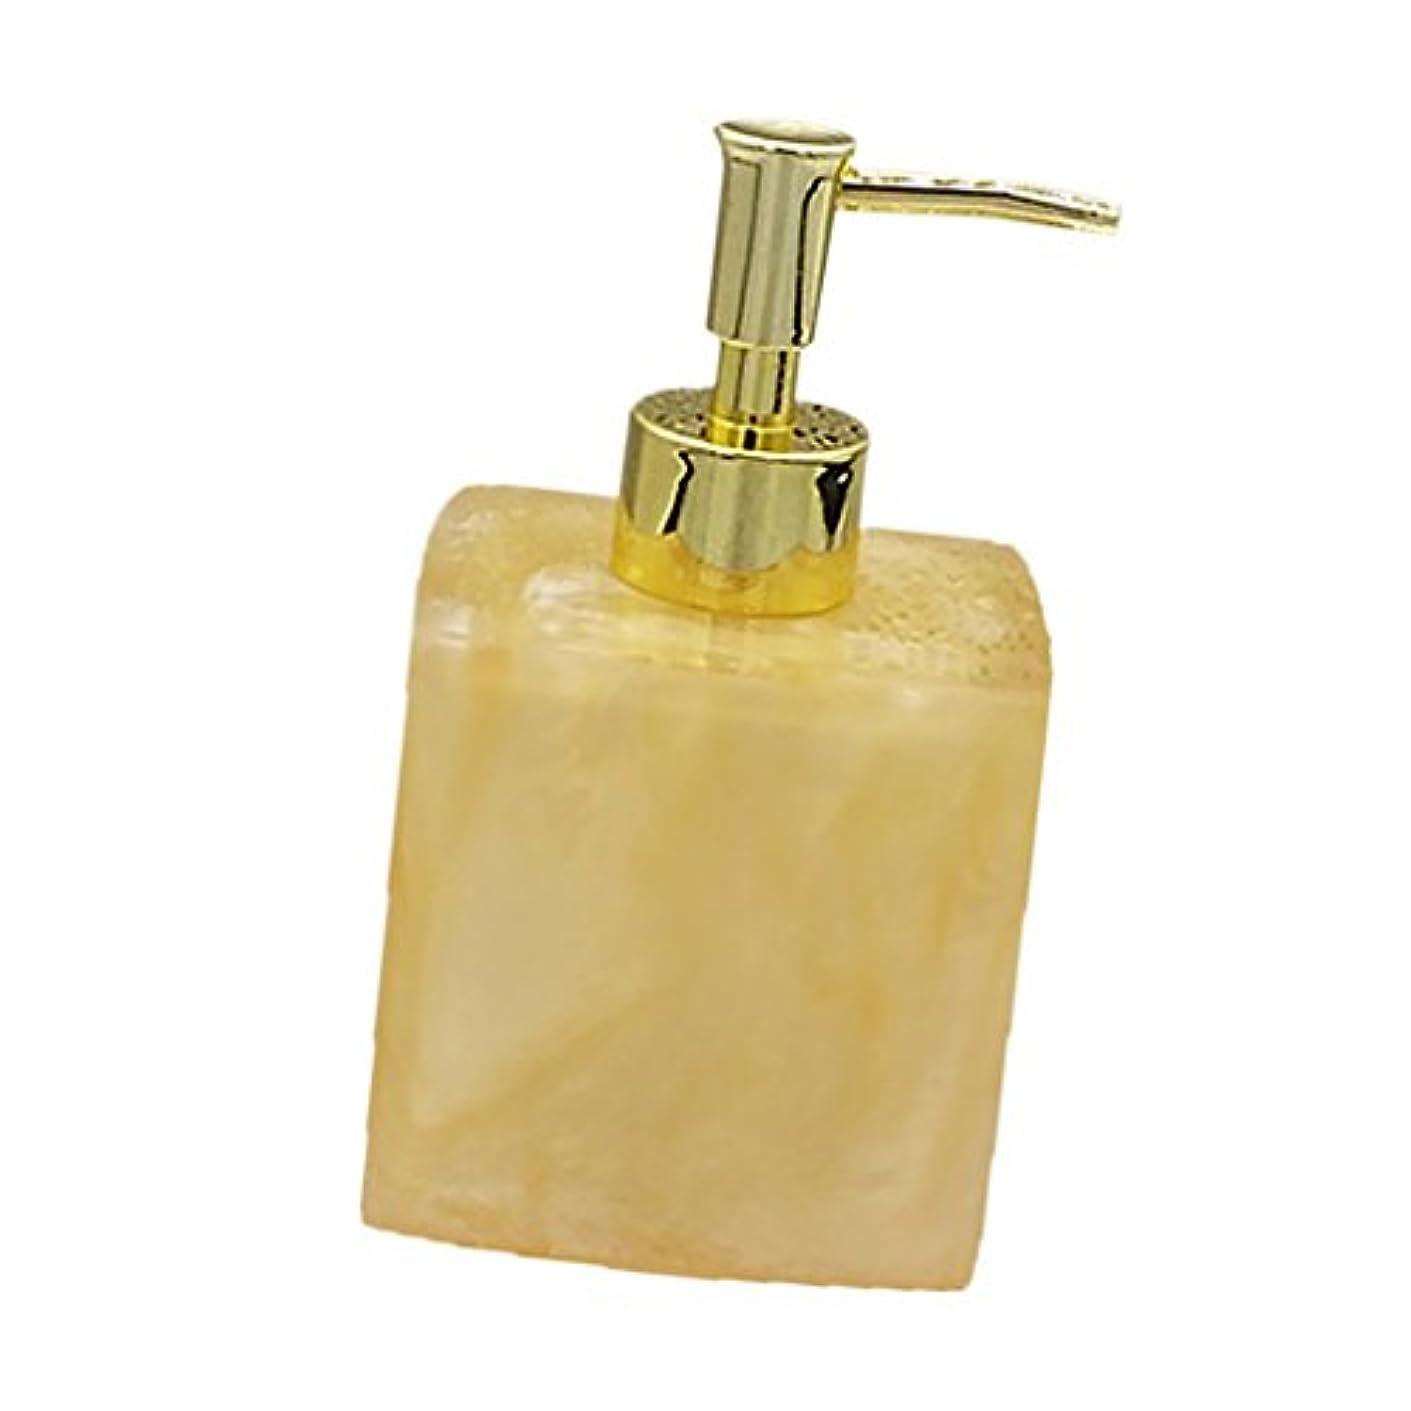 どれでも除去また(8.5 7.8 15cm, Yellow) - MonkeyJack Resin Soap Shampoo Dispenser Bath Liquid Body Lotion Pump Bottle/Jar VARIOUS...